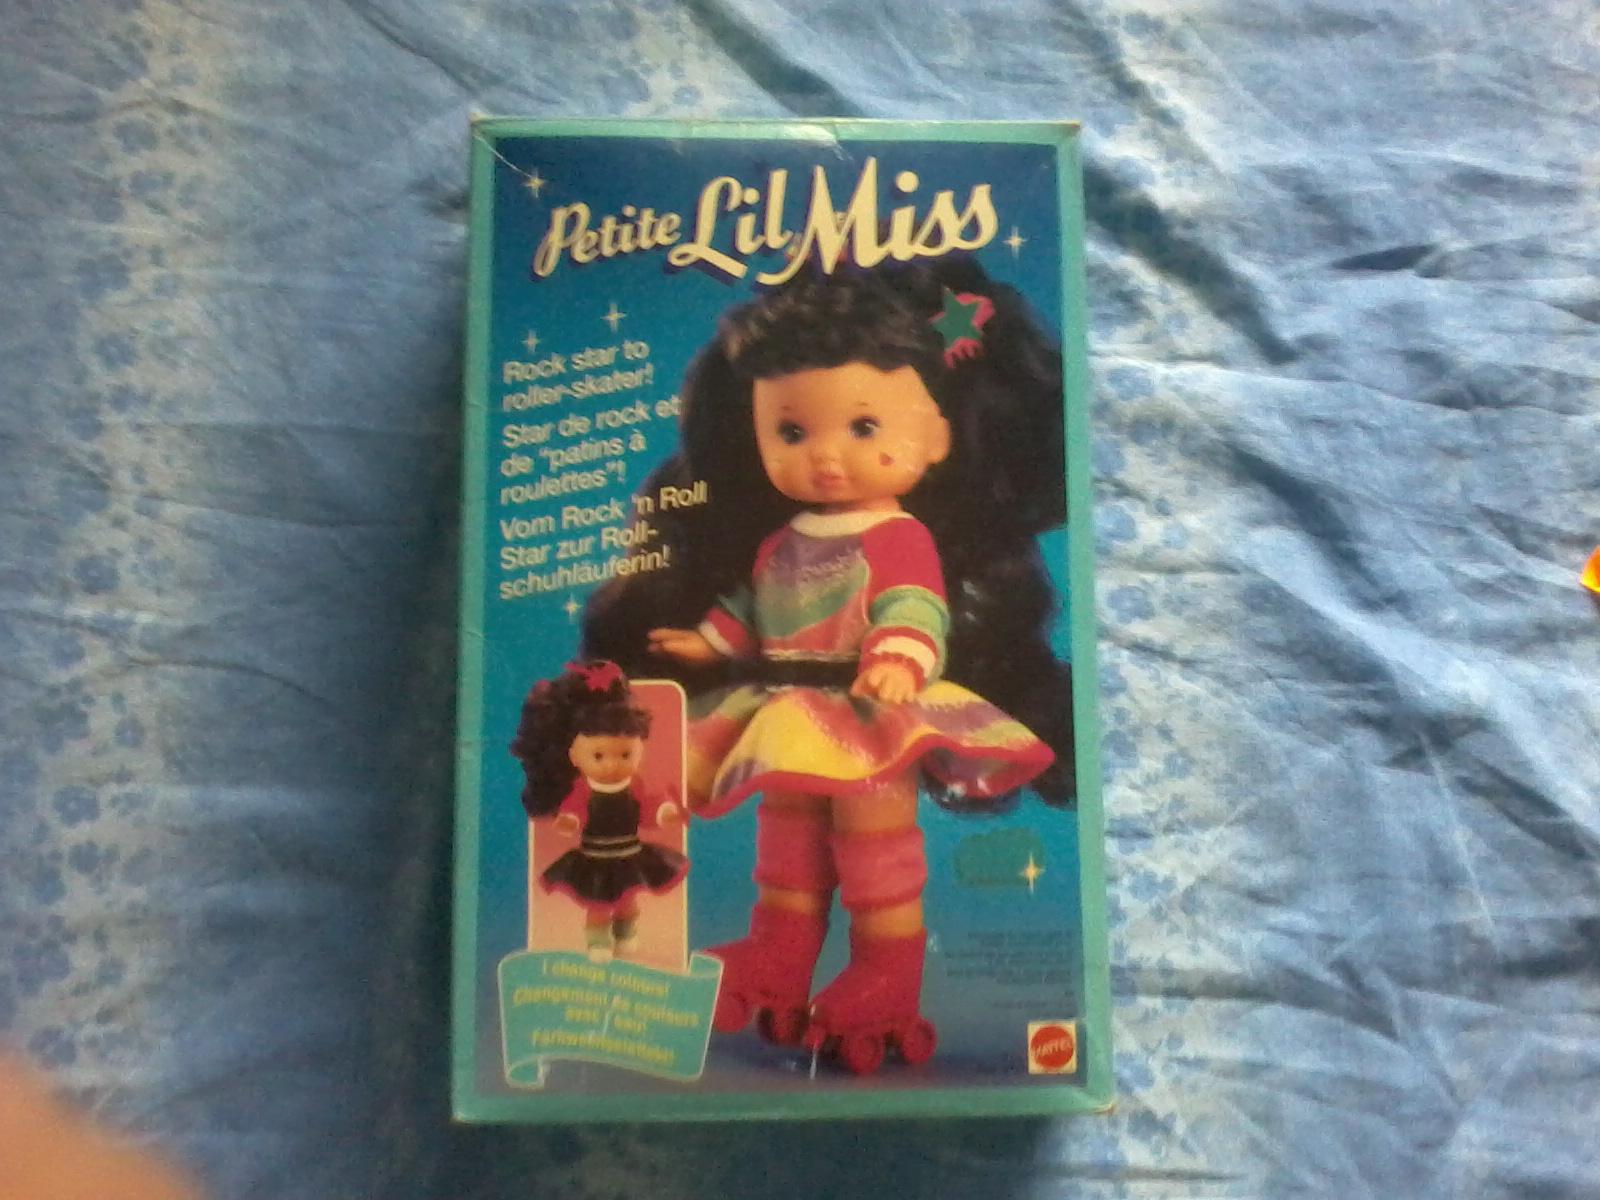 bambola anni 90 petite lil miss fondo magazzino aperta solo x visionare il tutto 2vwg1e9